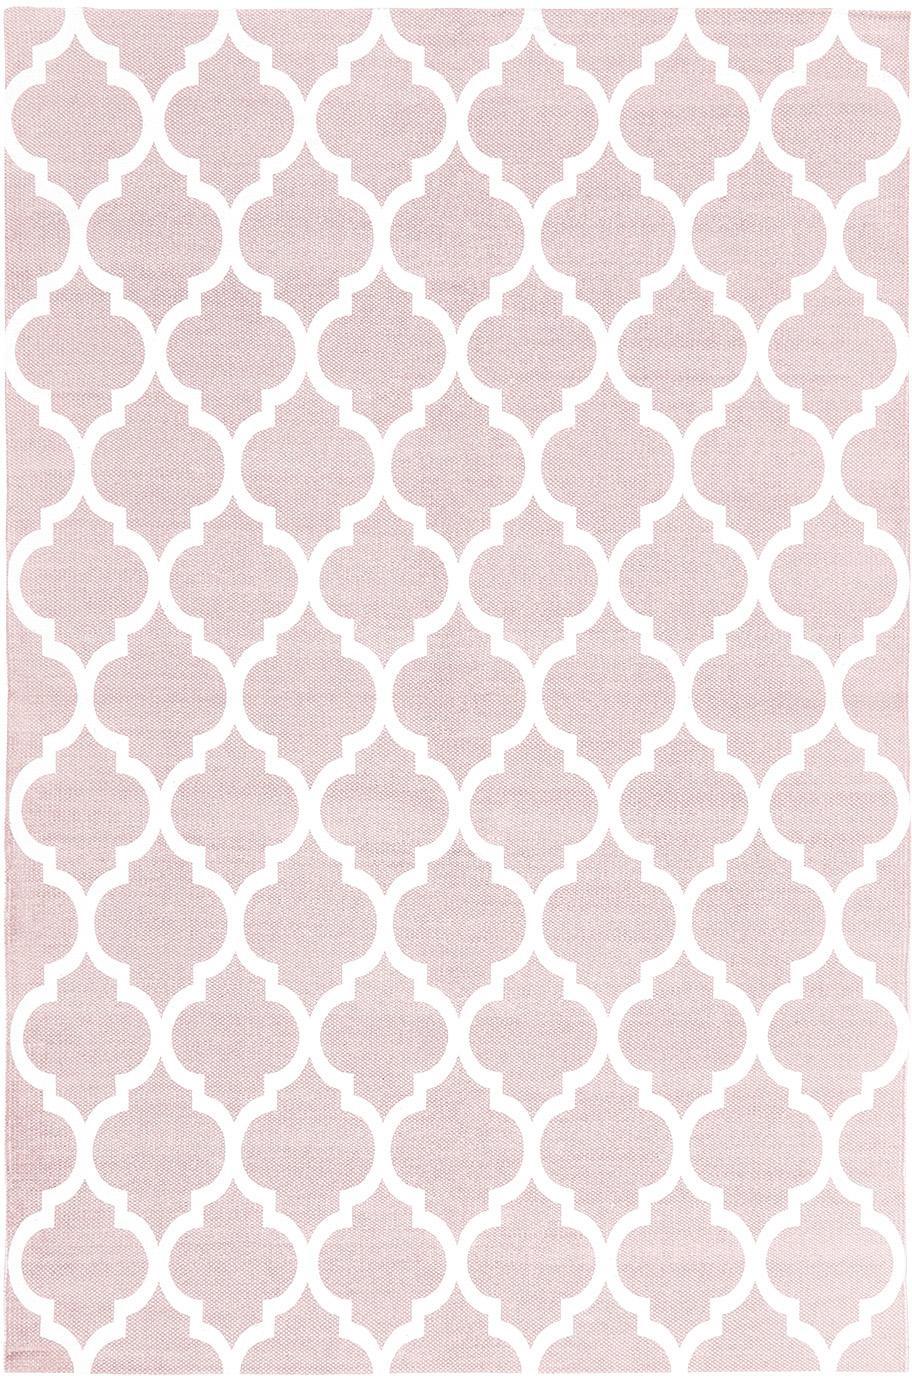 Tappeto in cotone tessuto a mano Amira, Cotone, Rosa, bianco crema, Larg. 120 x Lung. 180 cm (taglia S)